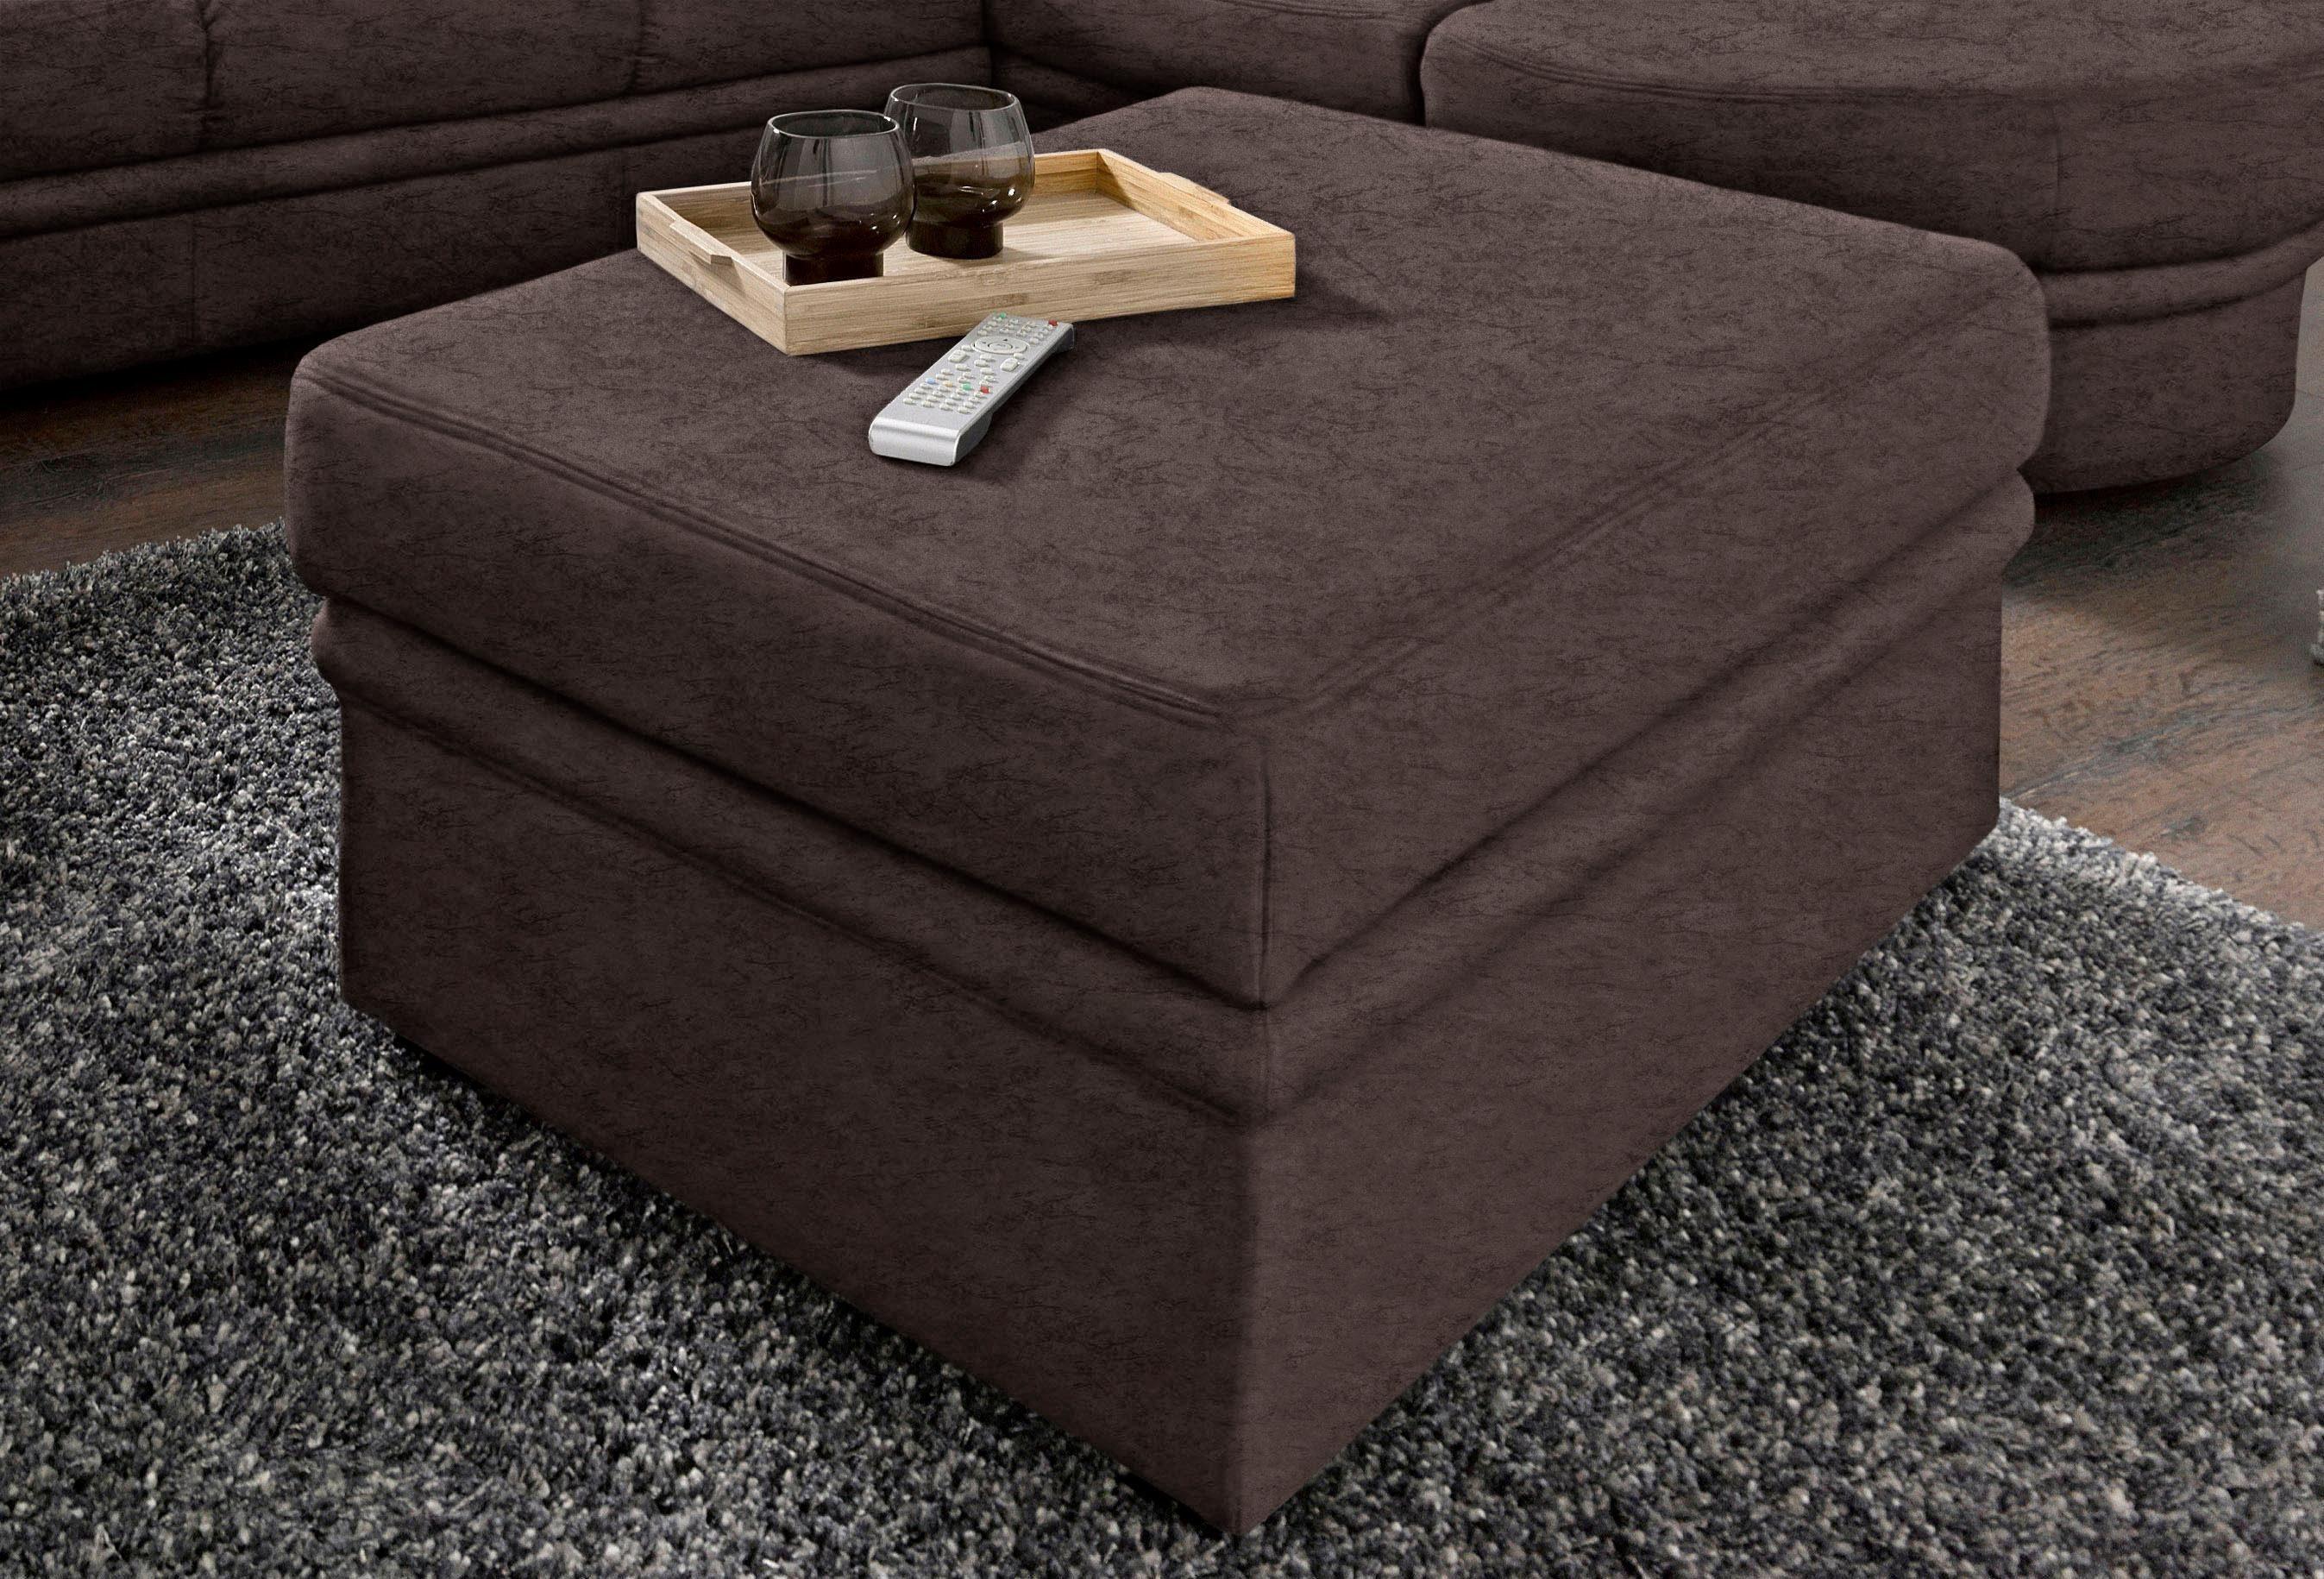 sit&more Hocker, mit Stauraumfach, Inklusive komfortablen Federkerns online kaufen   OTTO